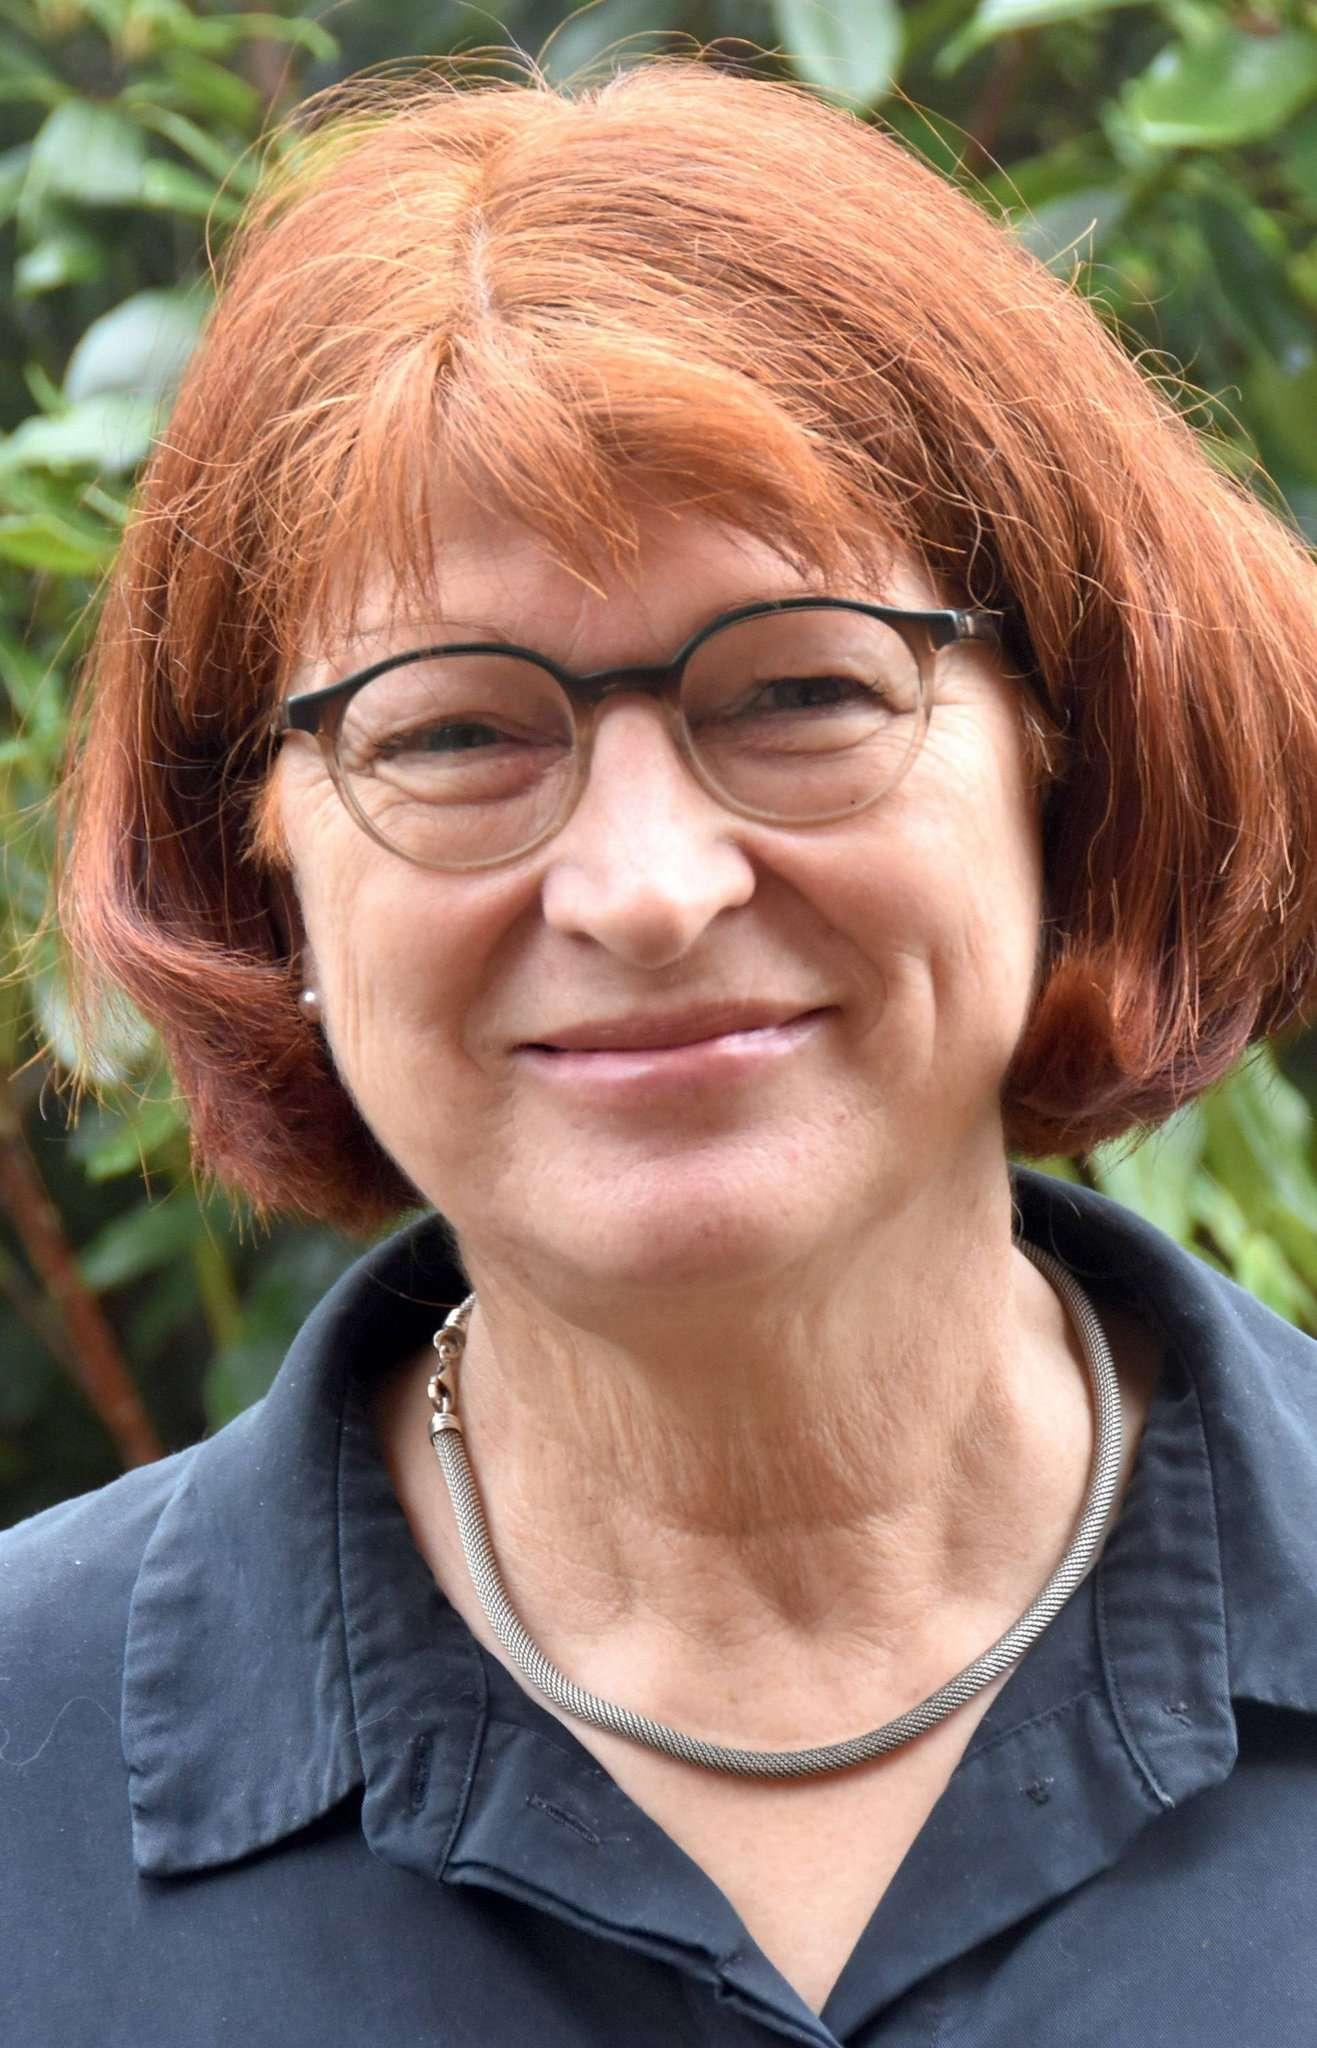 Hannelore Mann-Sander ist für die Gemeinden Hellwege, Horstedt und Reeßum zuständig, Susanne Heller hat die Gemeinden Ahausen, Bötersen, Hassendorf und Sottrum übernommen.